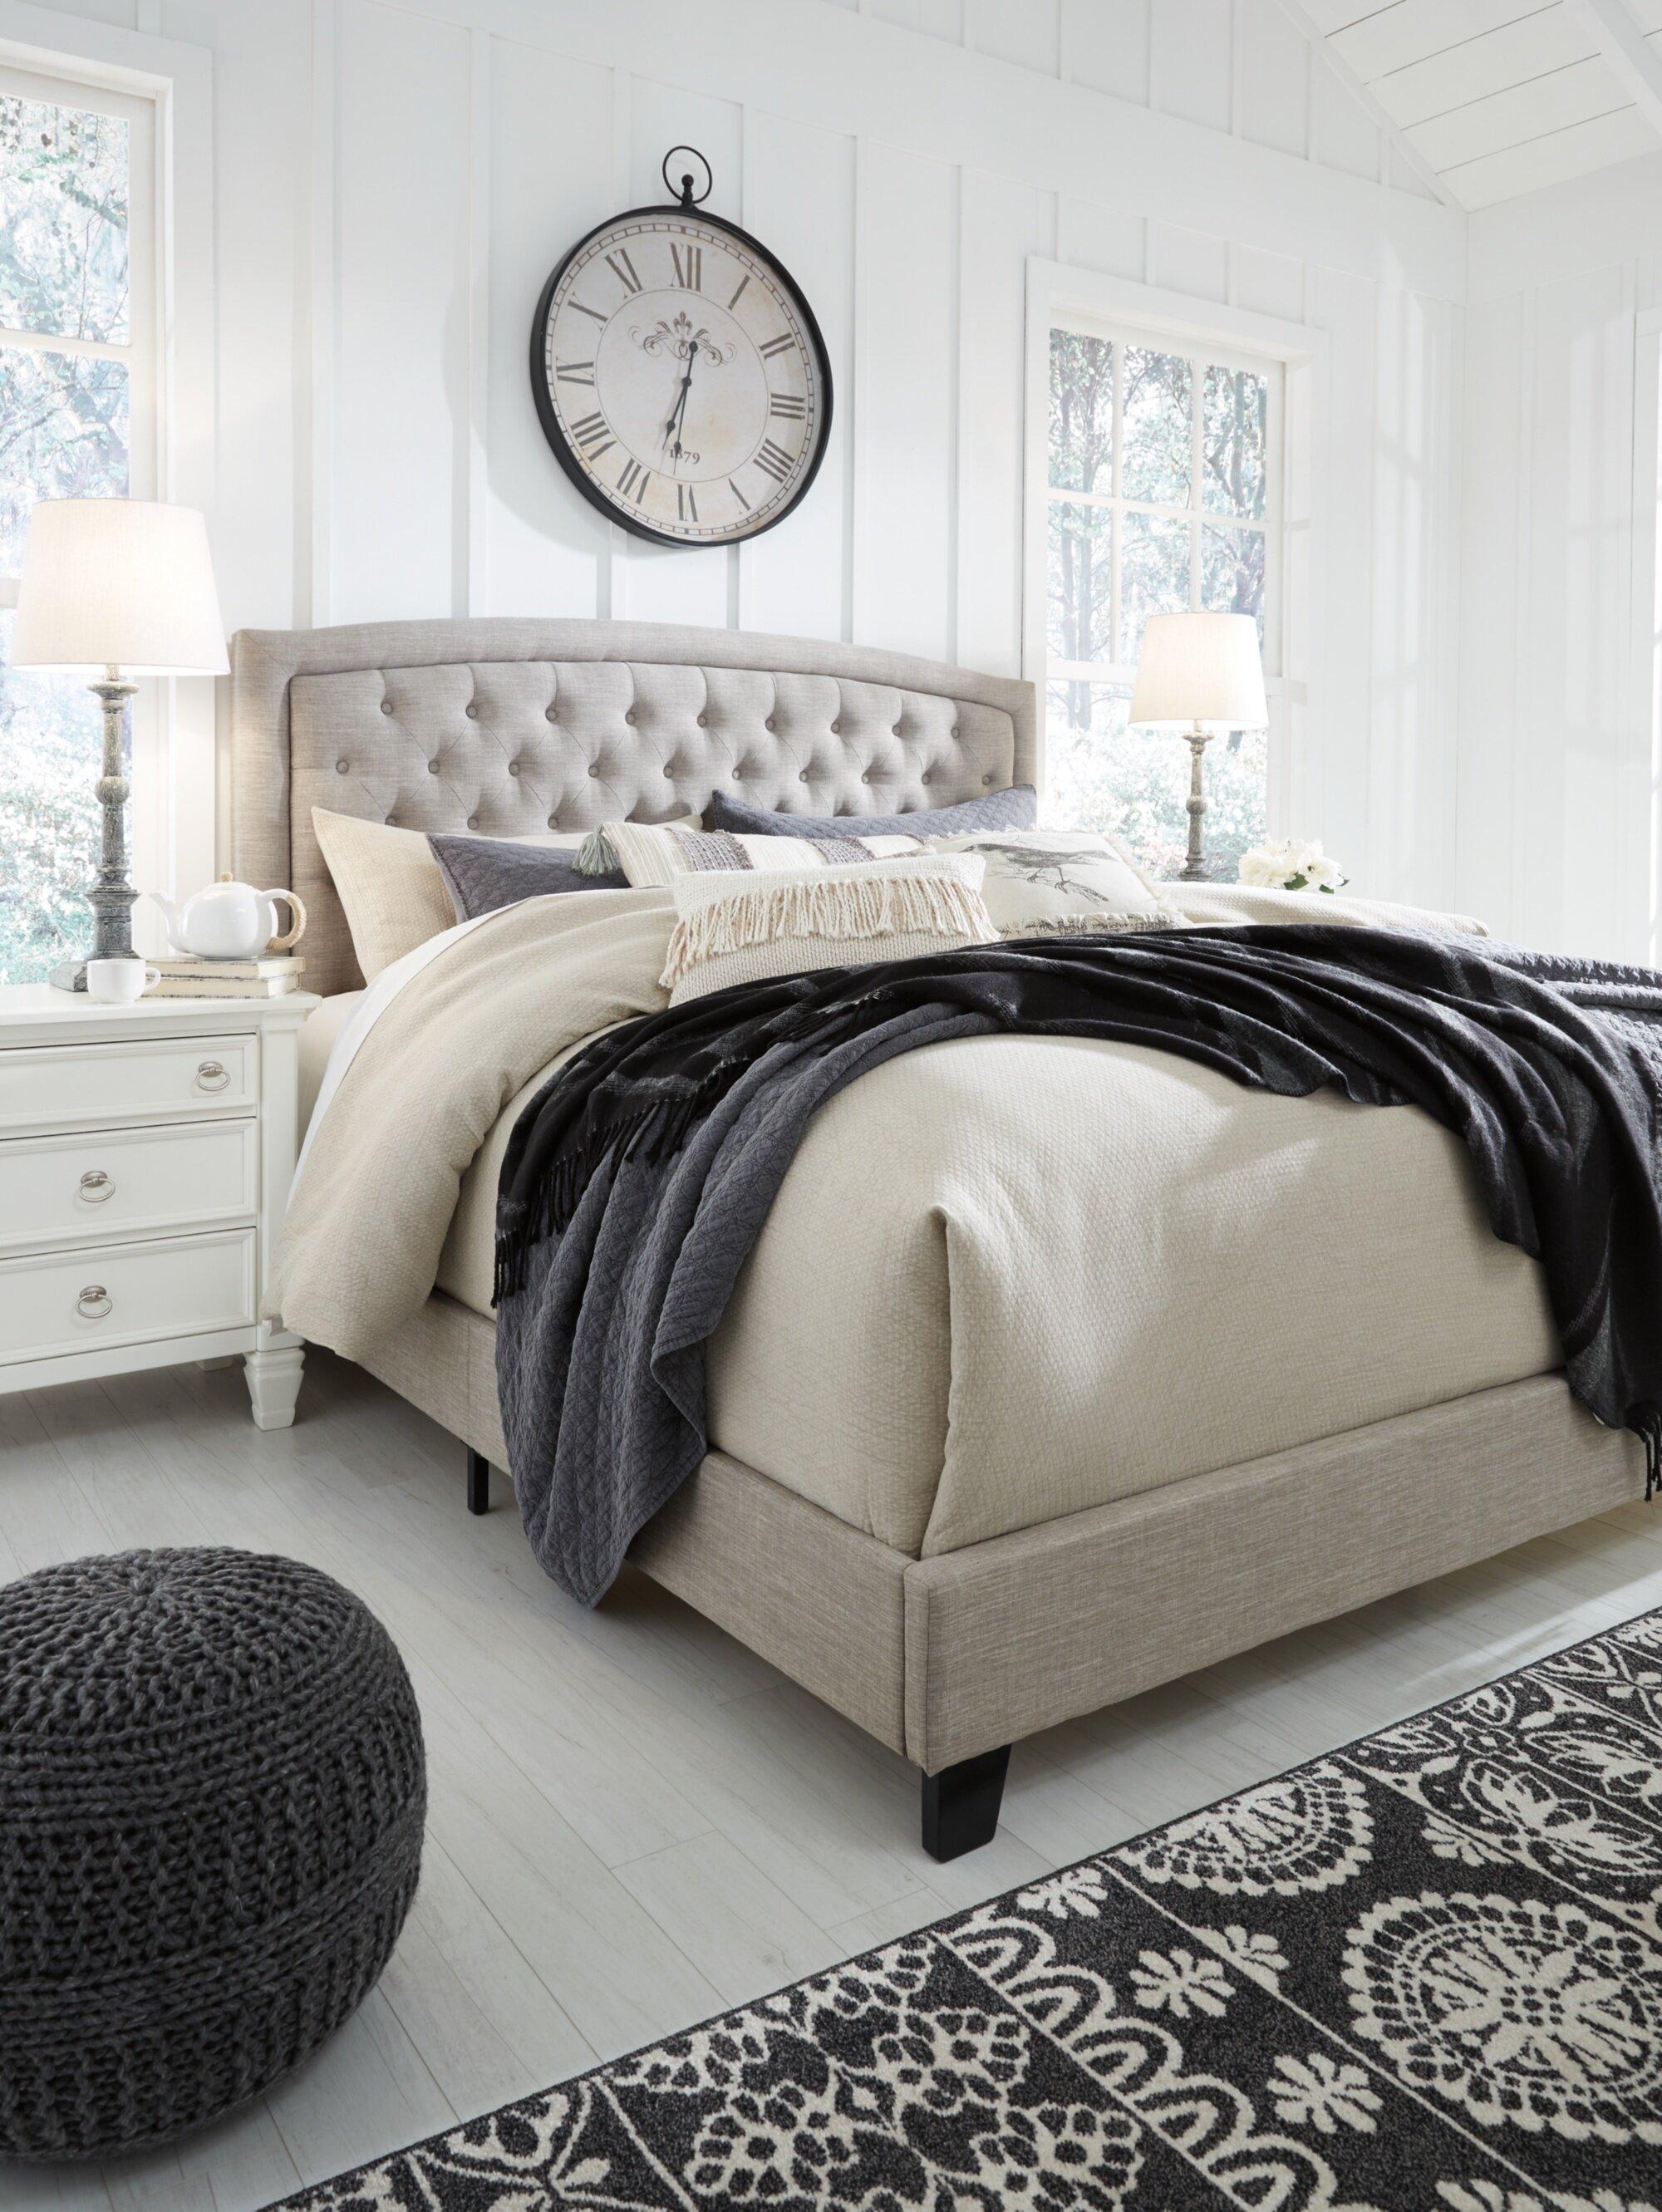 Three Posts Larios Queen Standard Configurable Bedroom Set Reviews Wayfair